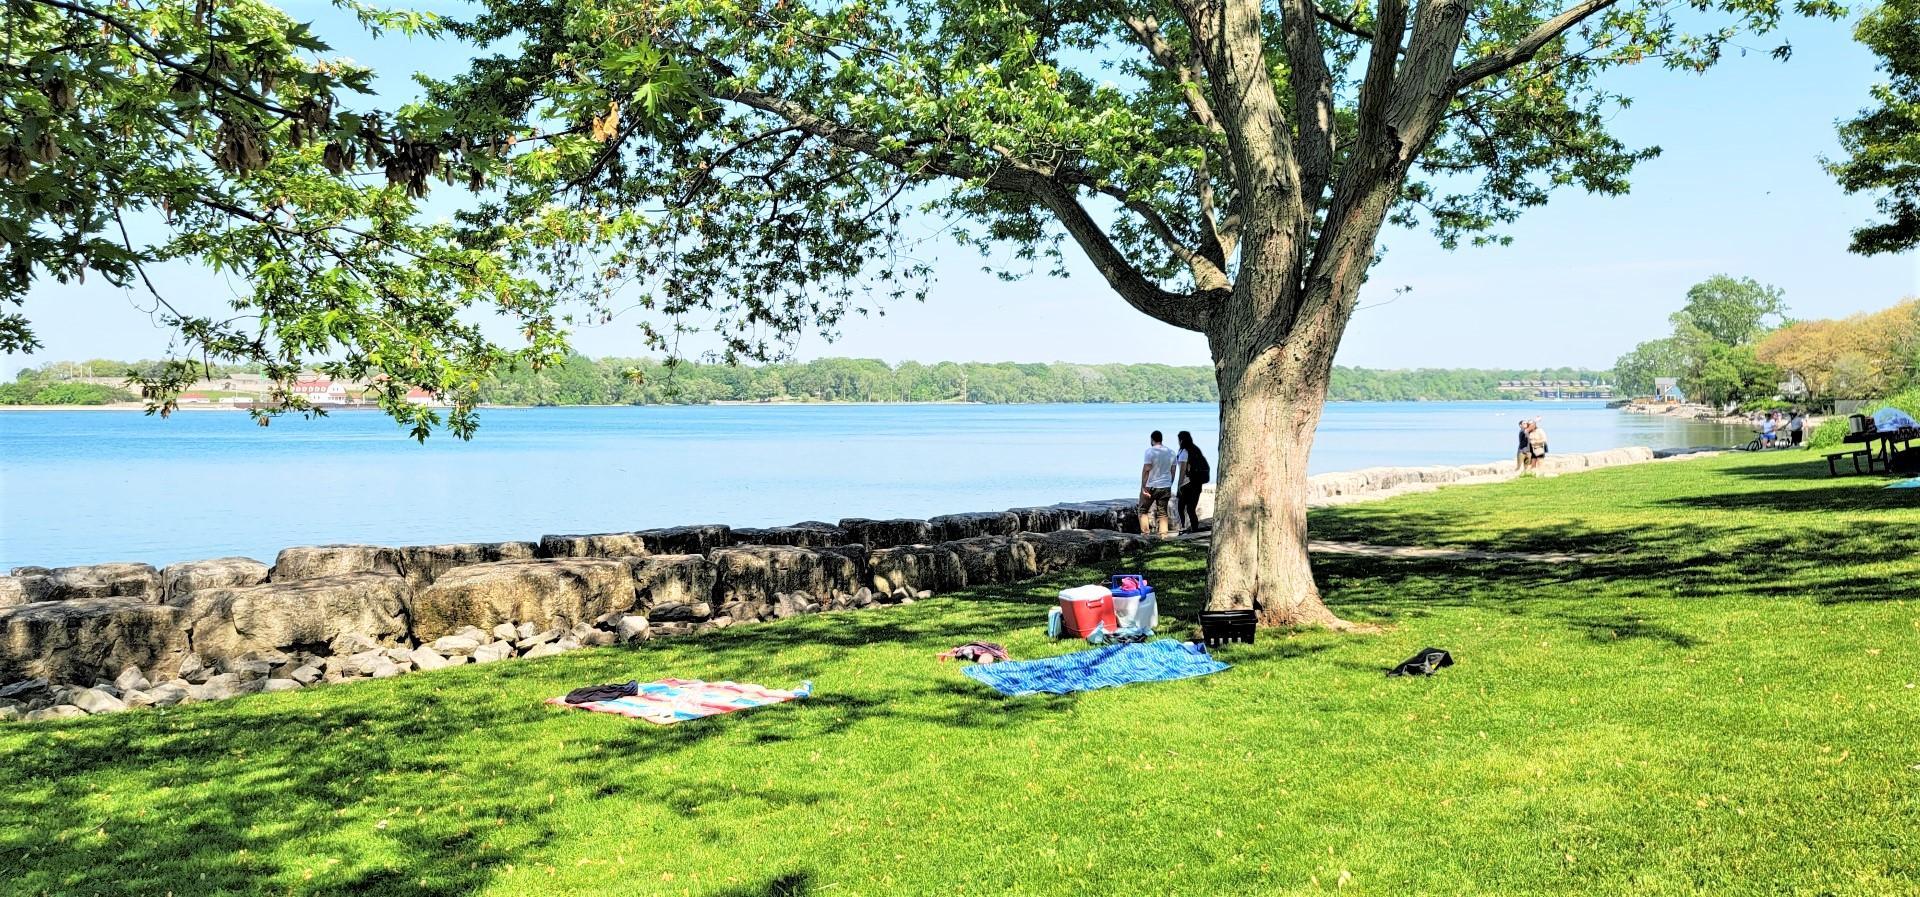 picnic in Niagara on the Lake